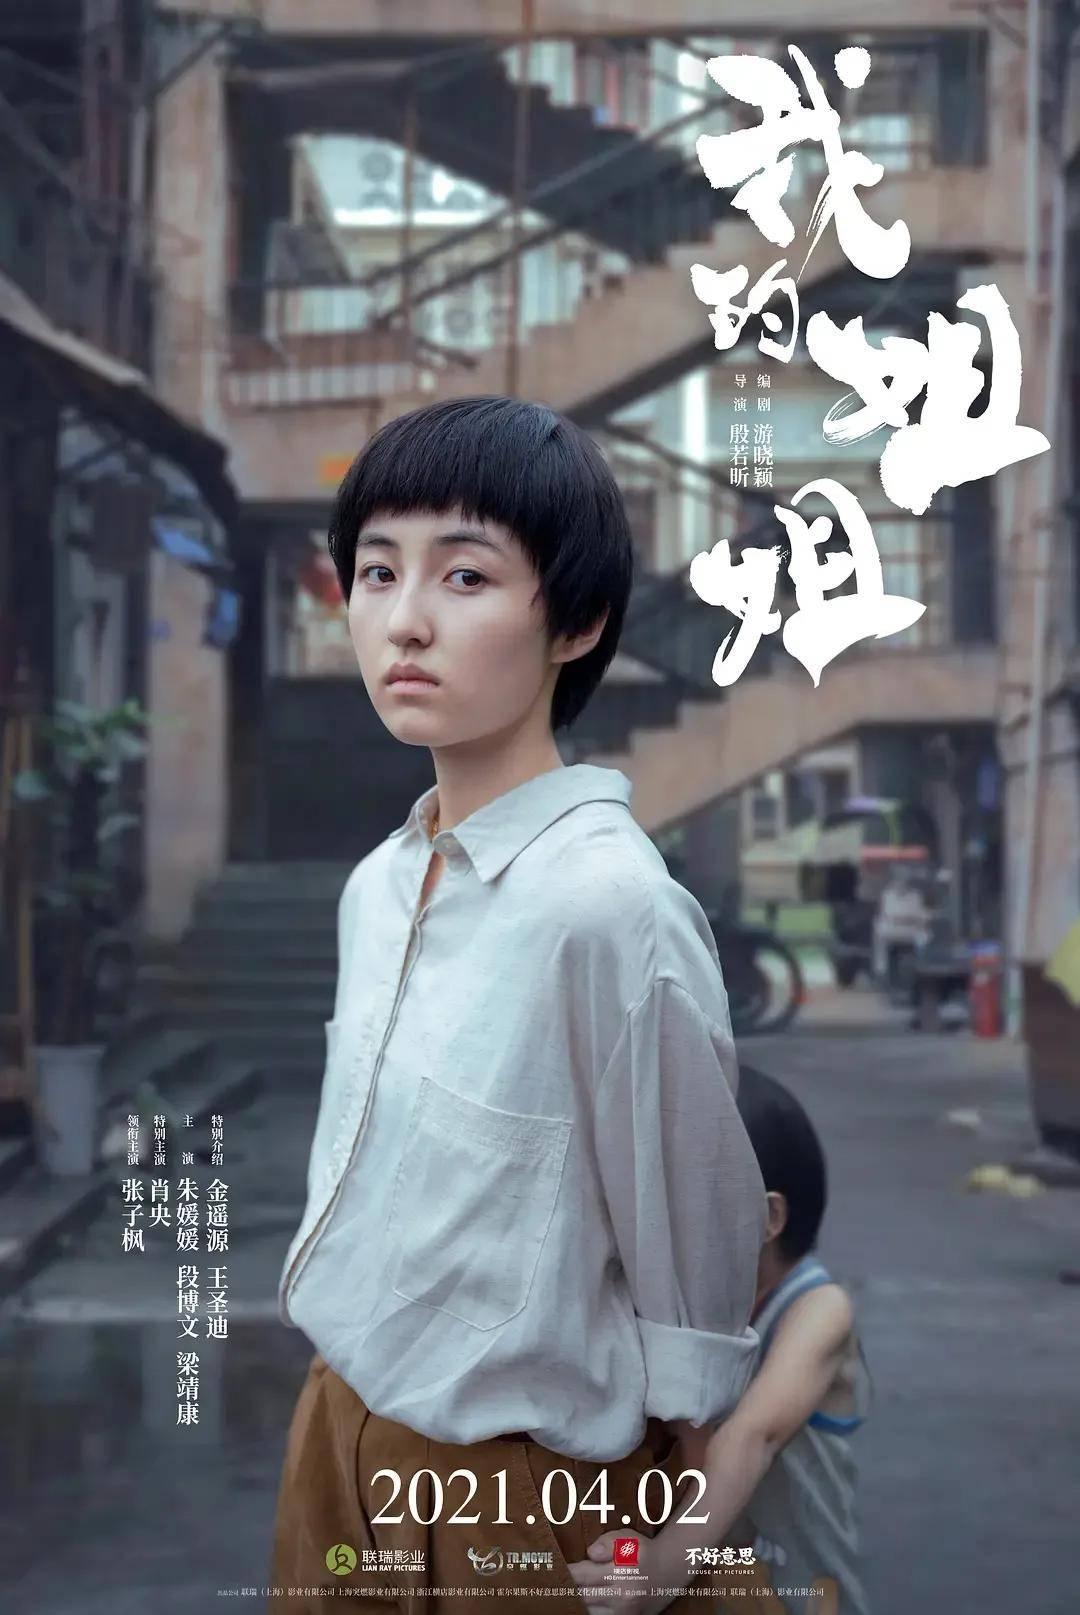 [电影资讯]张子枫新电影《我的姐姐》真的烂尾了吗?